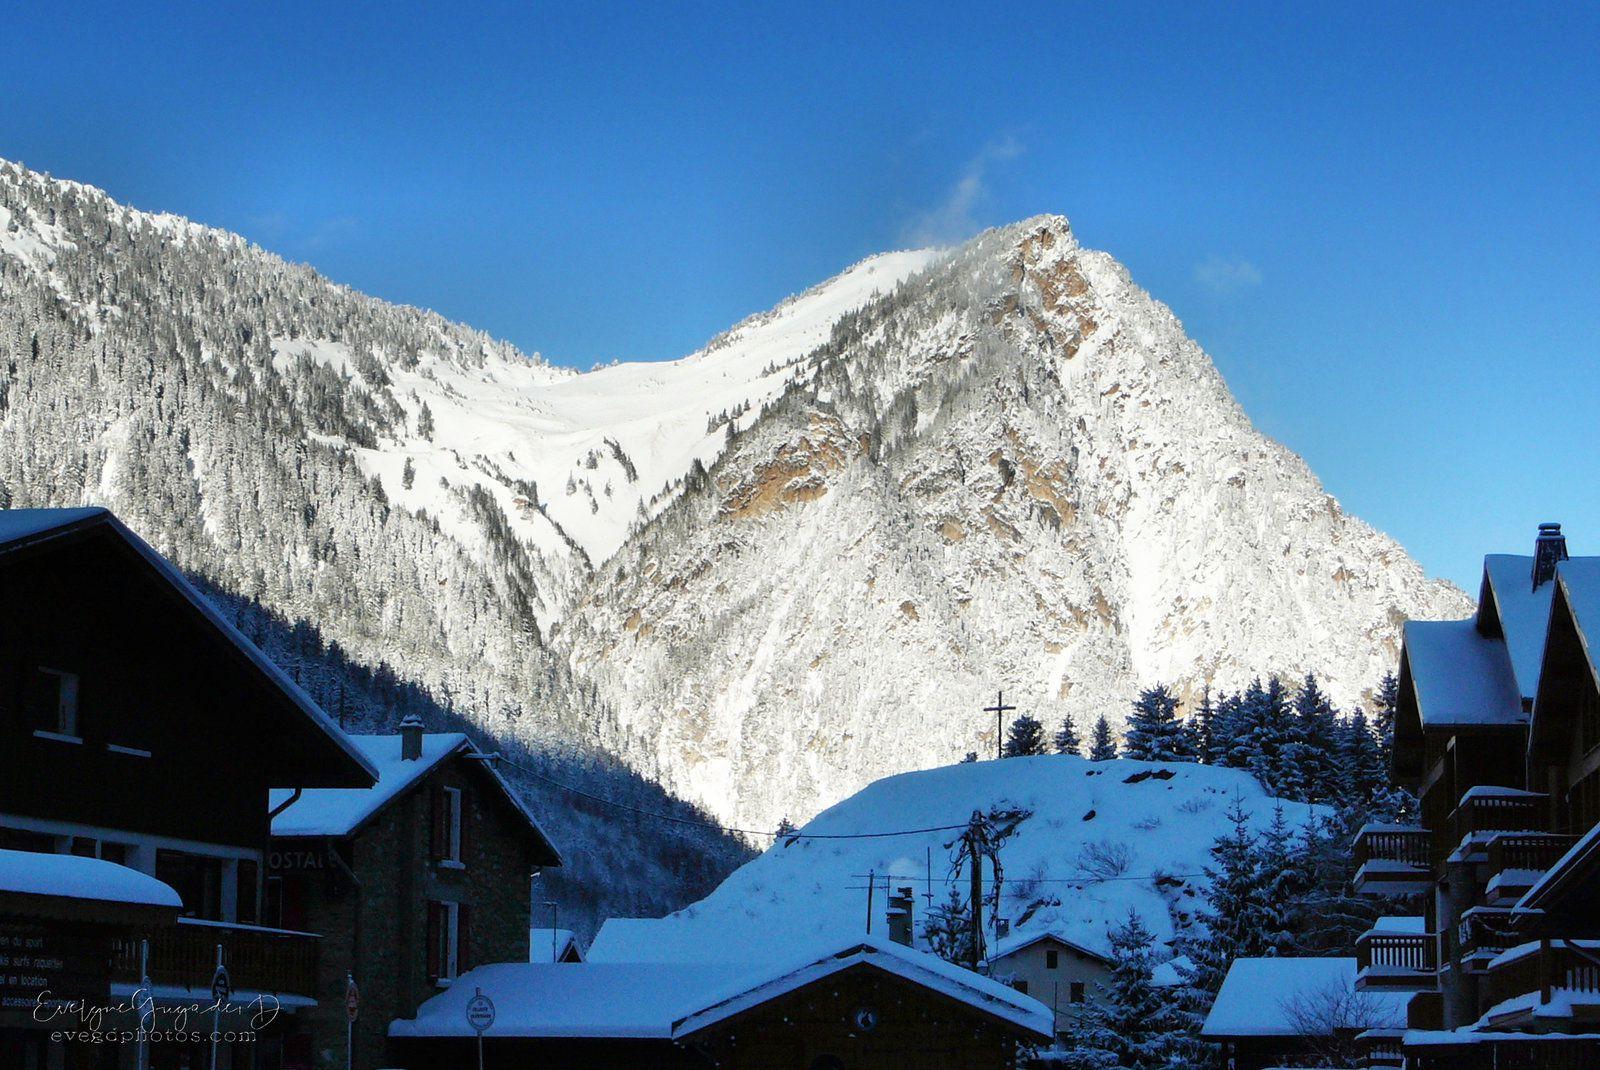 Pralognan-la-Vanoise (janvier 2007)